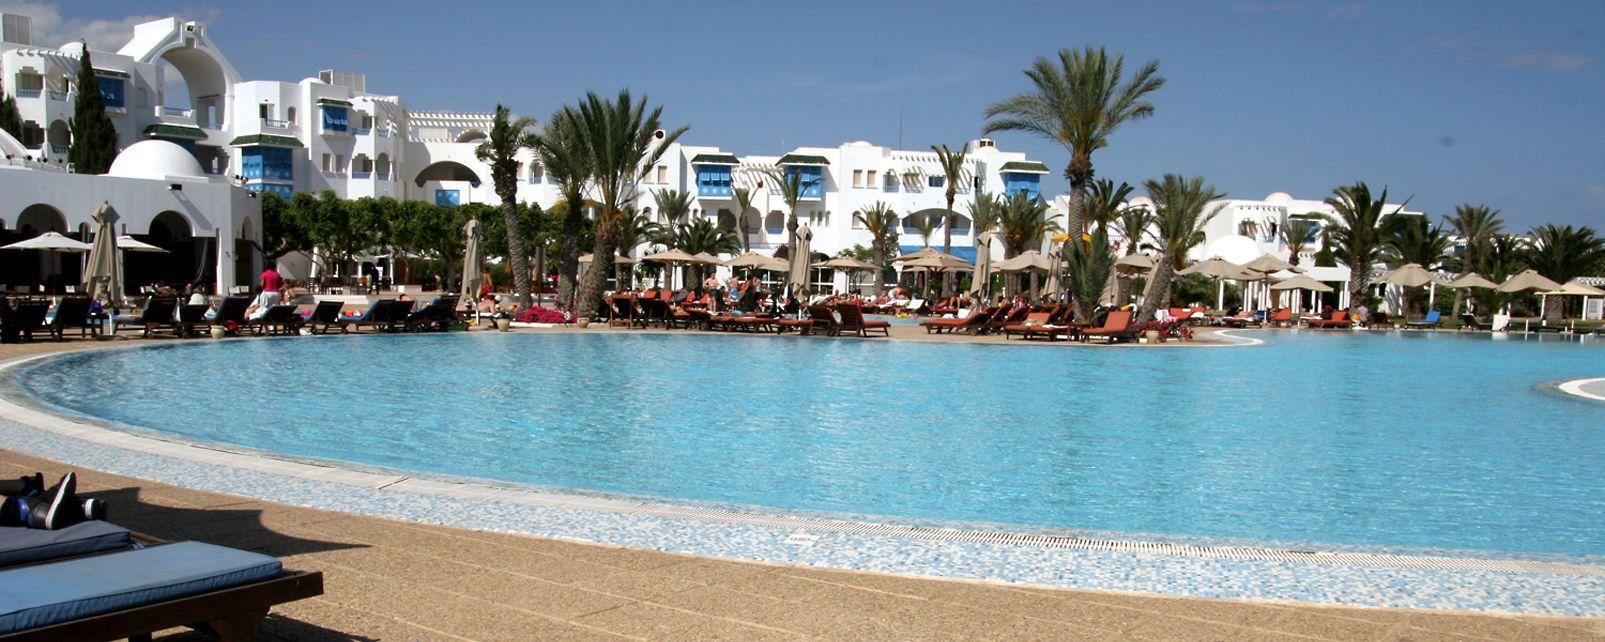 club med tunisie celibataire